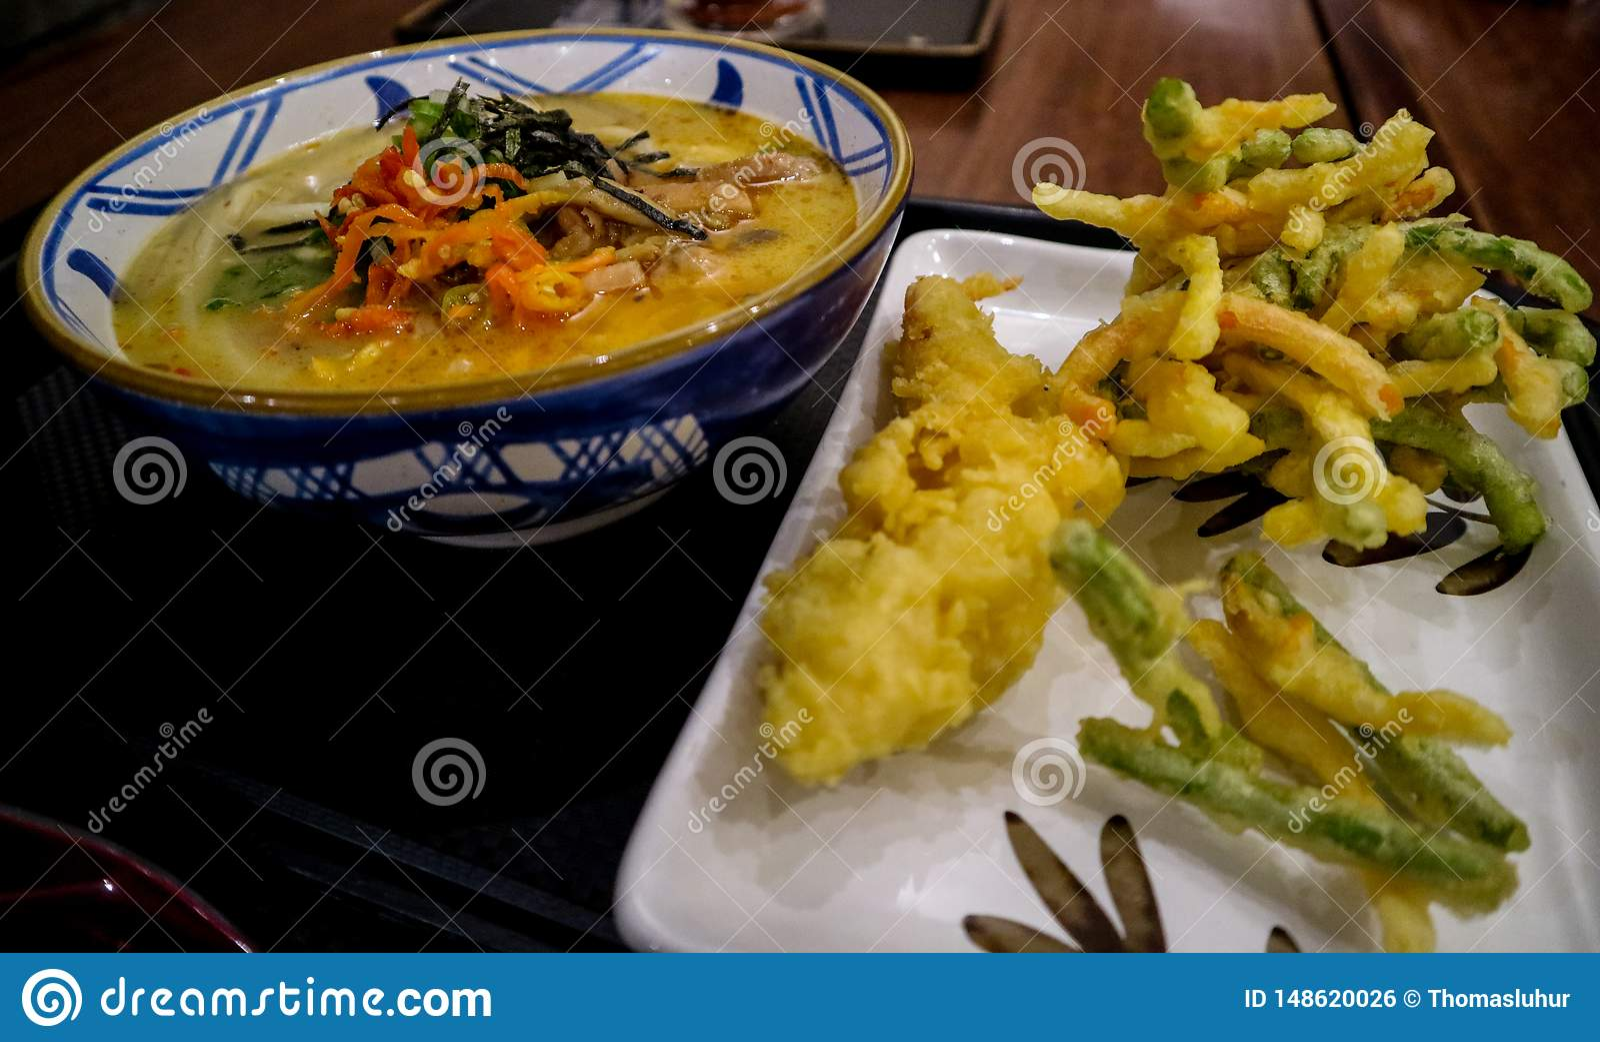 与辛辣料理的日本风格面条加上温暖的饮料